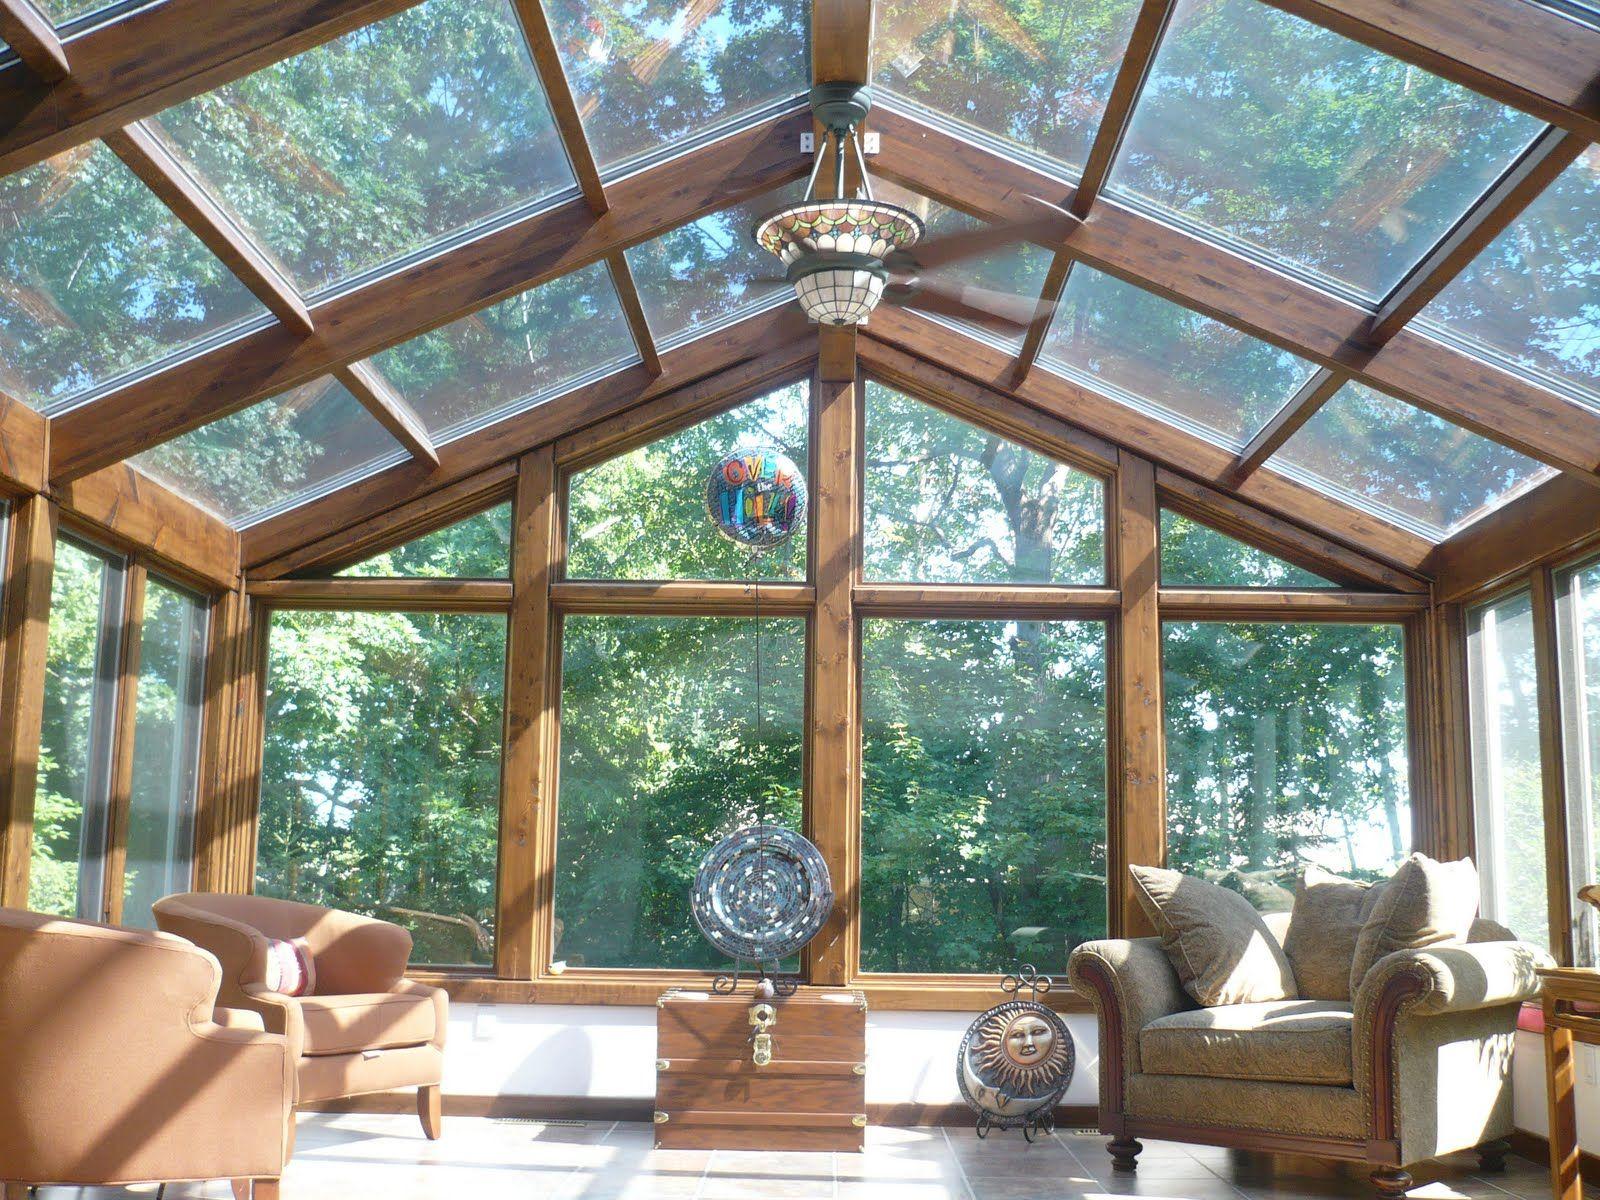 нормативов, регламентирующих стеклянные крыши для частных домов фото лишь